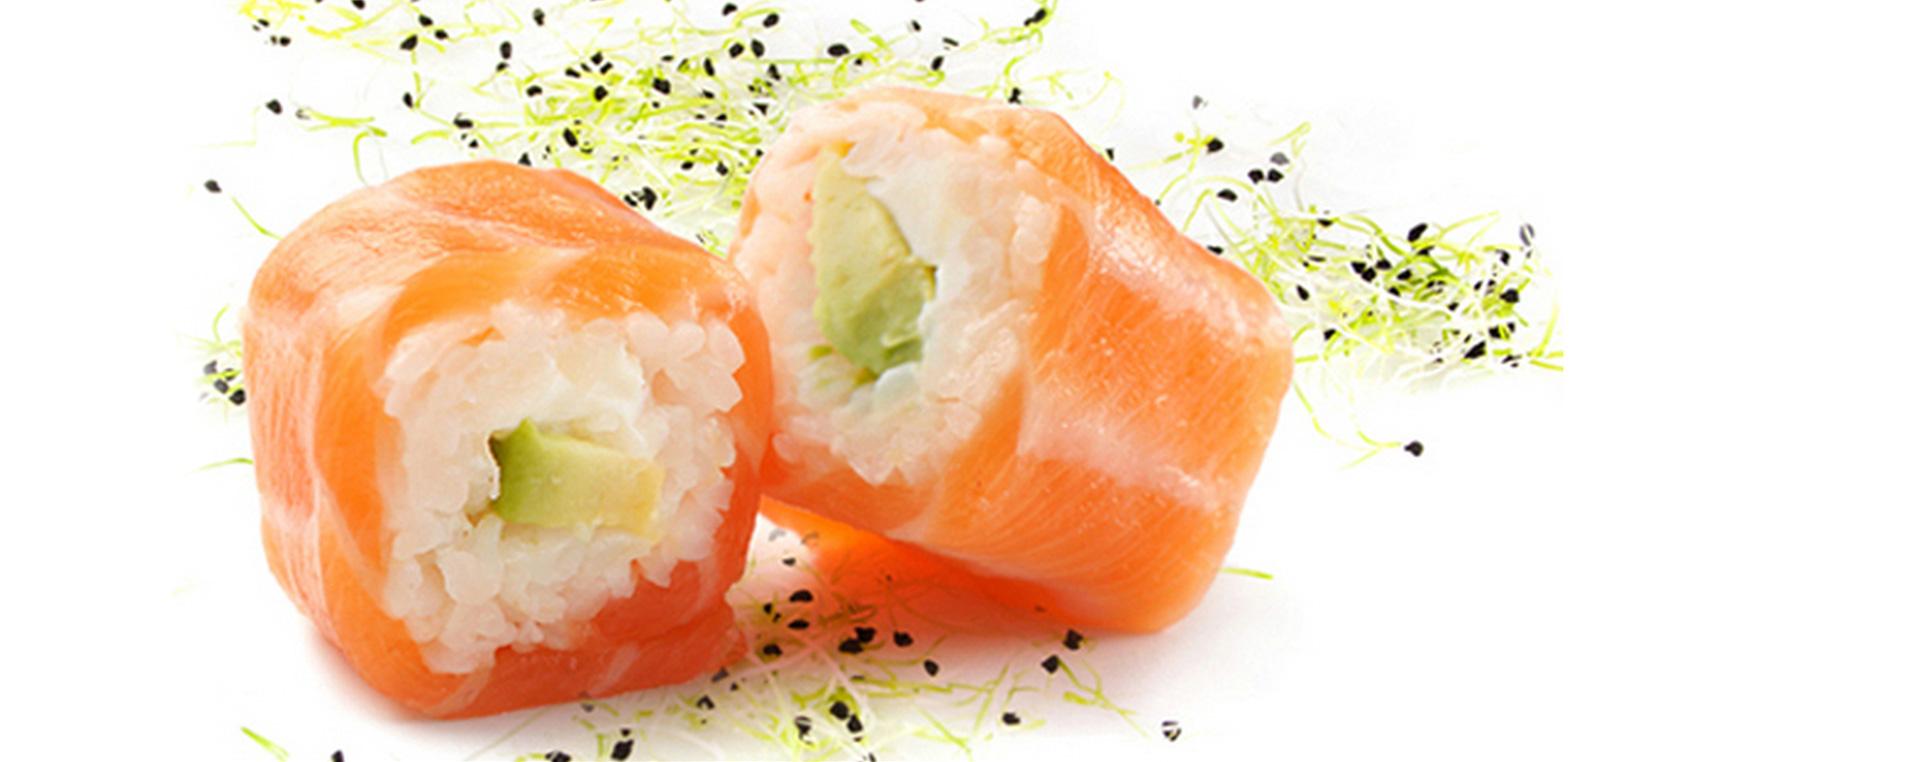 sushi room restaurant japonais paris 11eme livraison sushi a paris 11eme livraison japonais. Black Bedroom Furniture Sets. Home Design Ideas